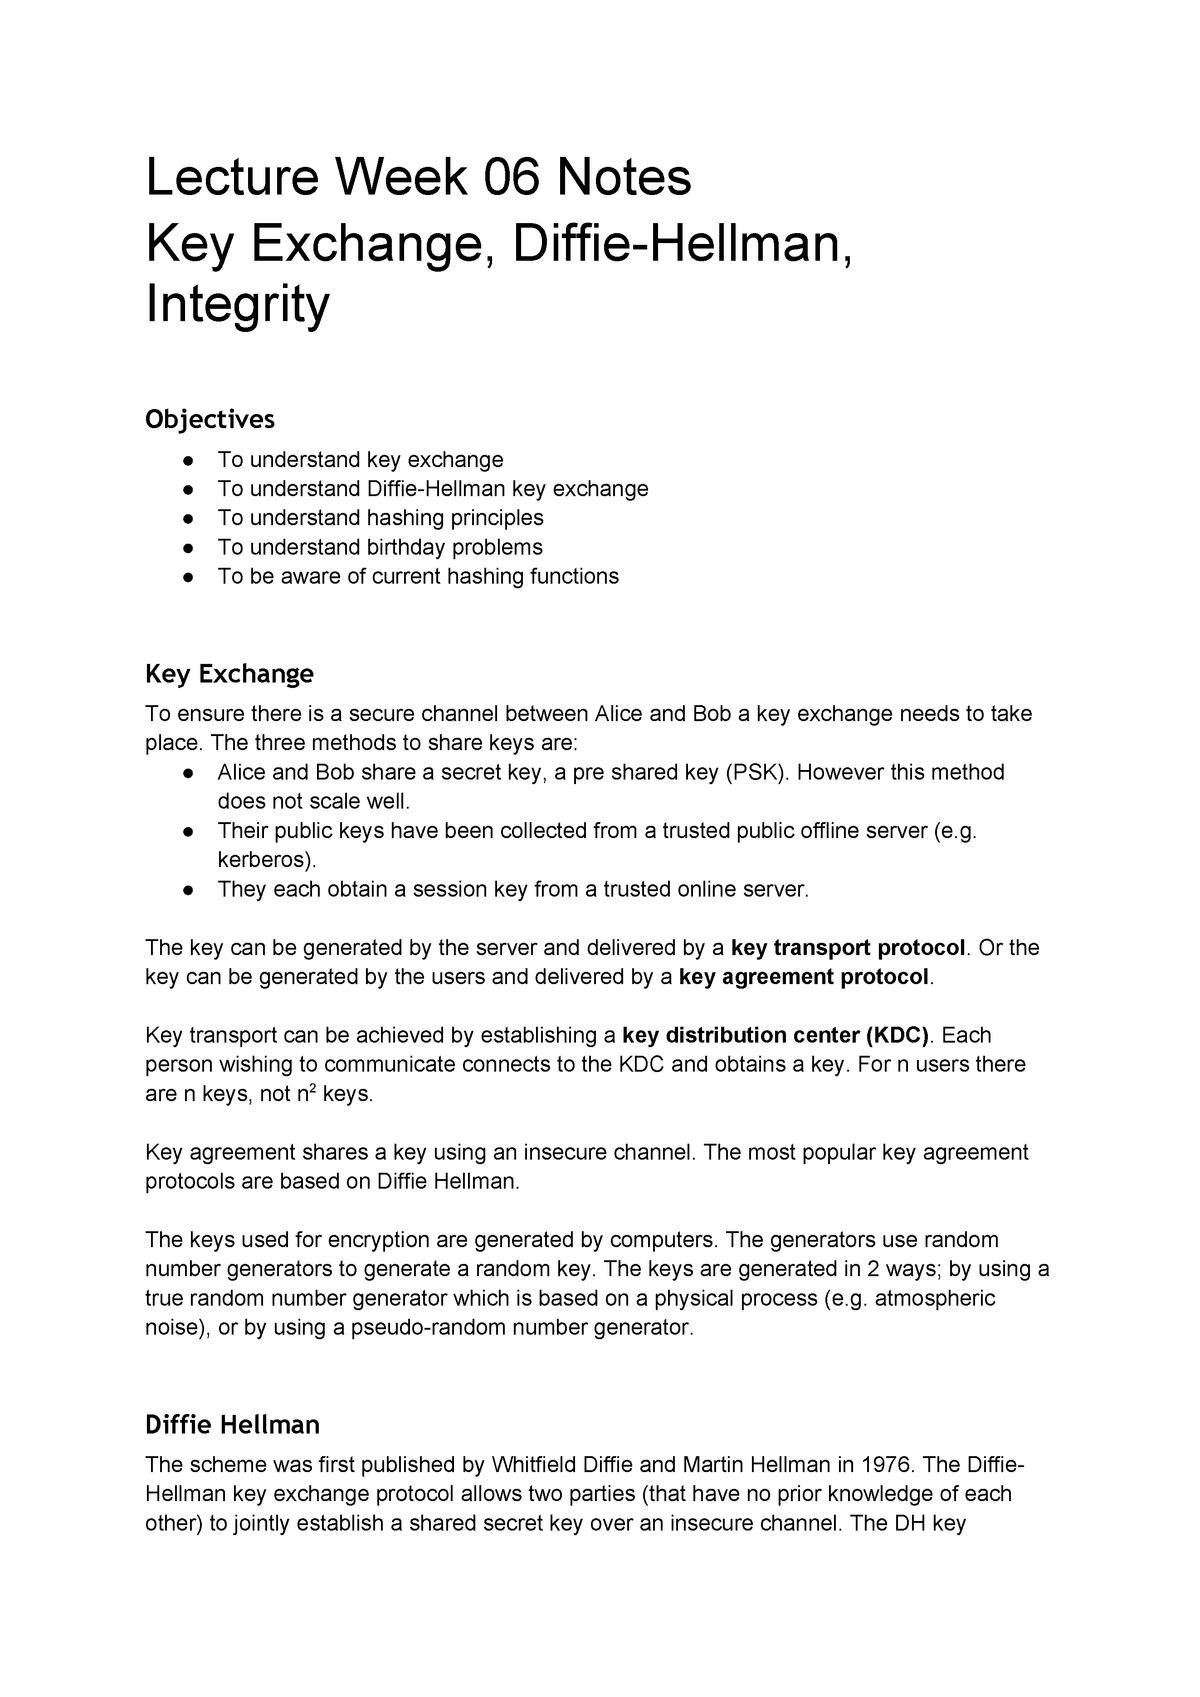 Week 06 - Key Exchange and Hashing - C10219v4: Bachelor of